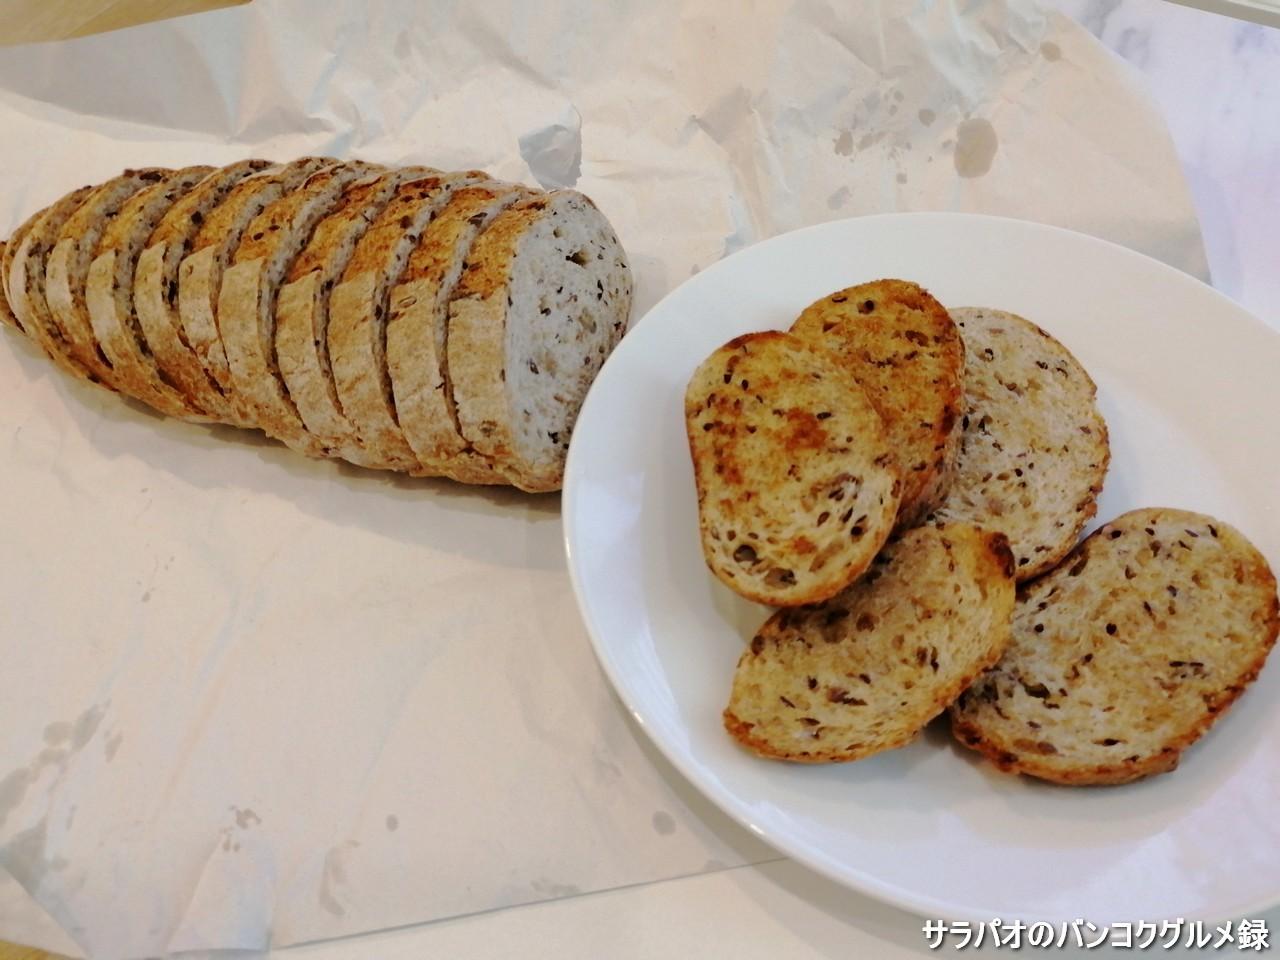 コンキーズ・ベーカリーはハードパンが激ウマの本格派ベーカリー in トンロー